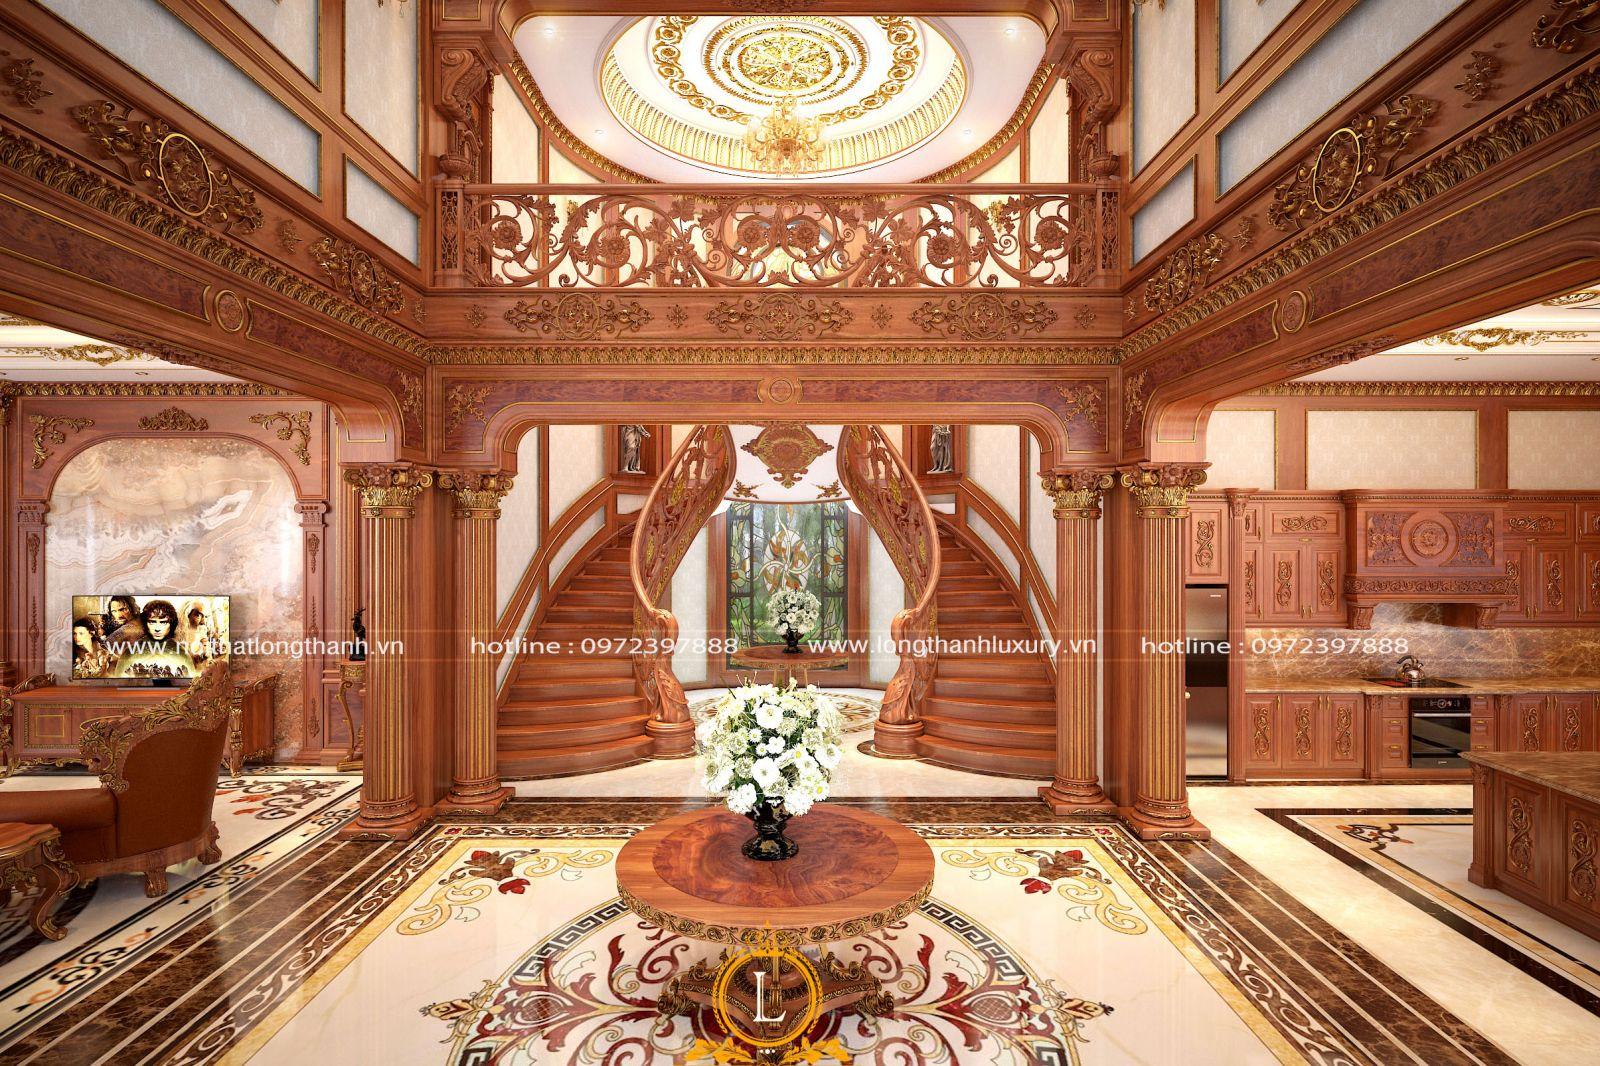 Kết cấu kiến trúc nhà biệt tự với những chi tiết cầu kỳ và nhiều chức năng